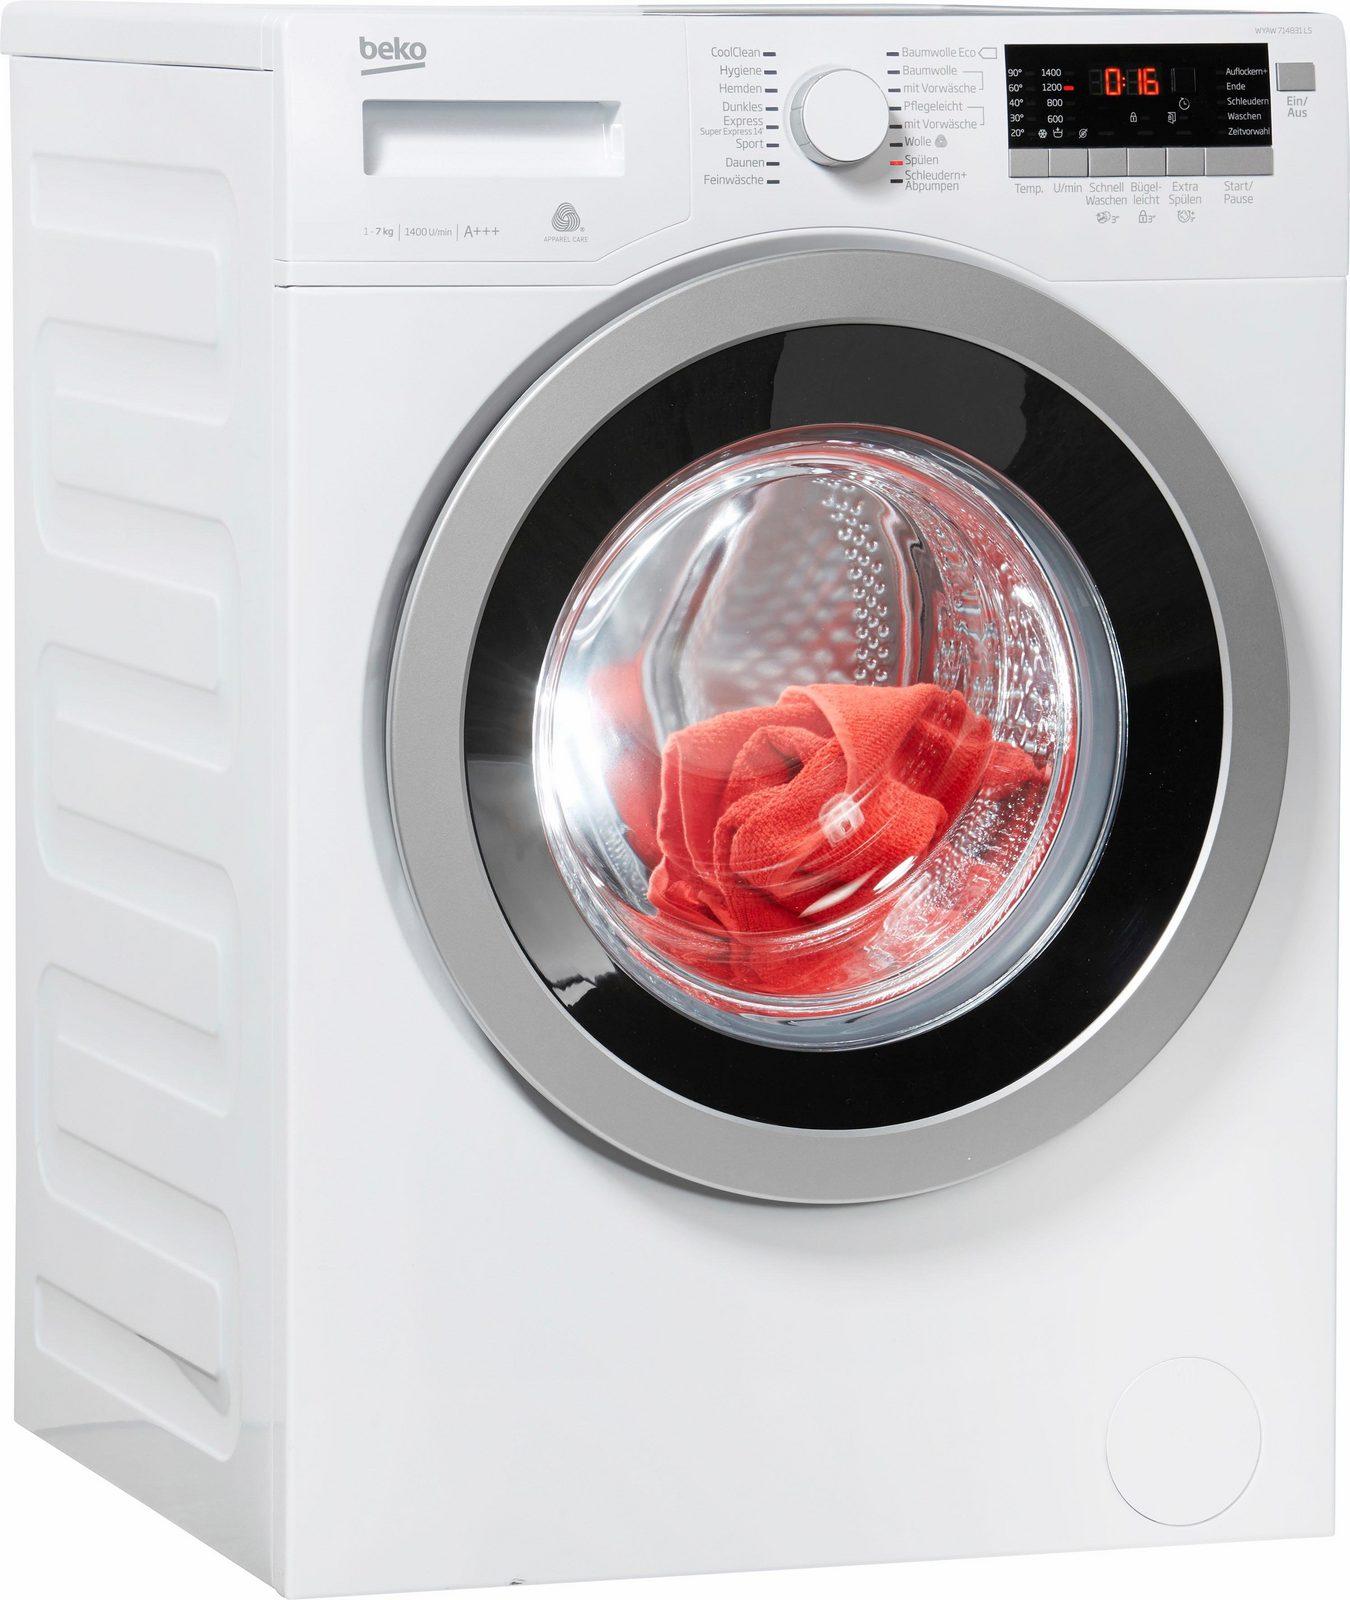 BEKO Waschmaschine WYAW 714831 LS, 7 kg, 1400 U/Min jetztbilligerkaufen